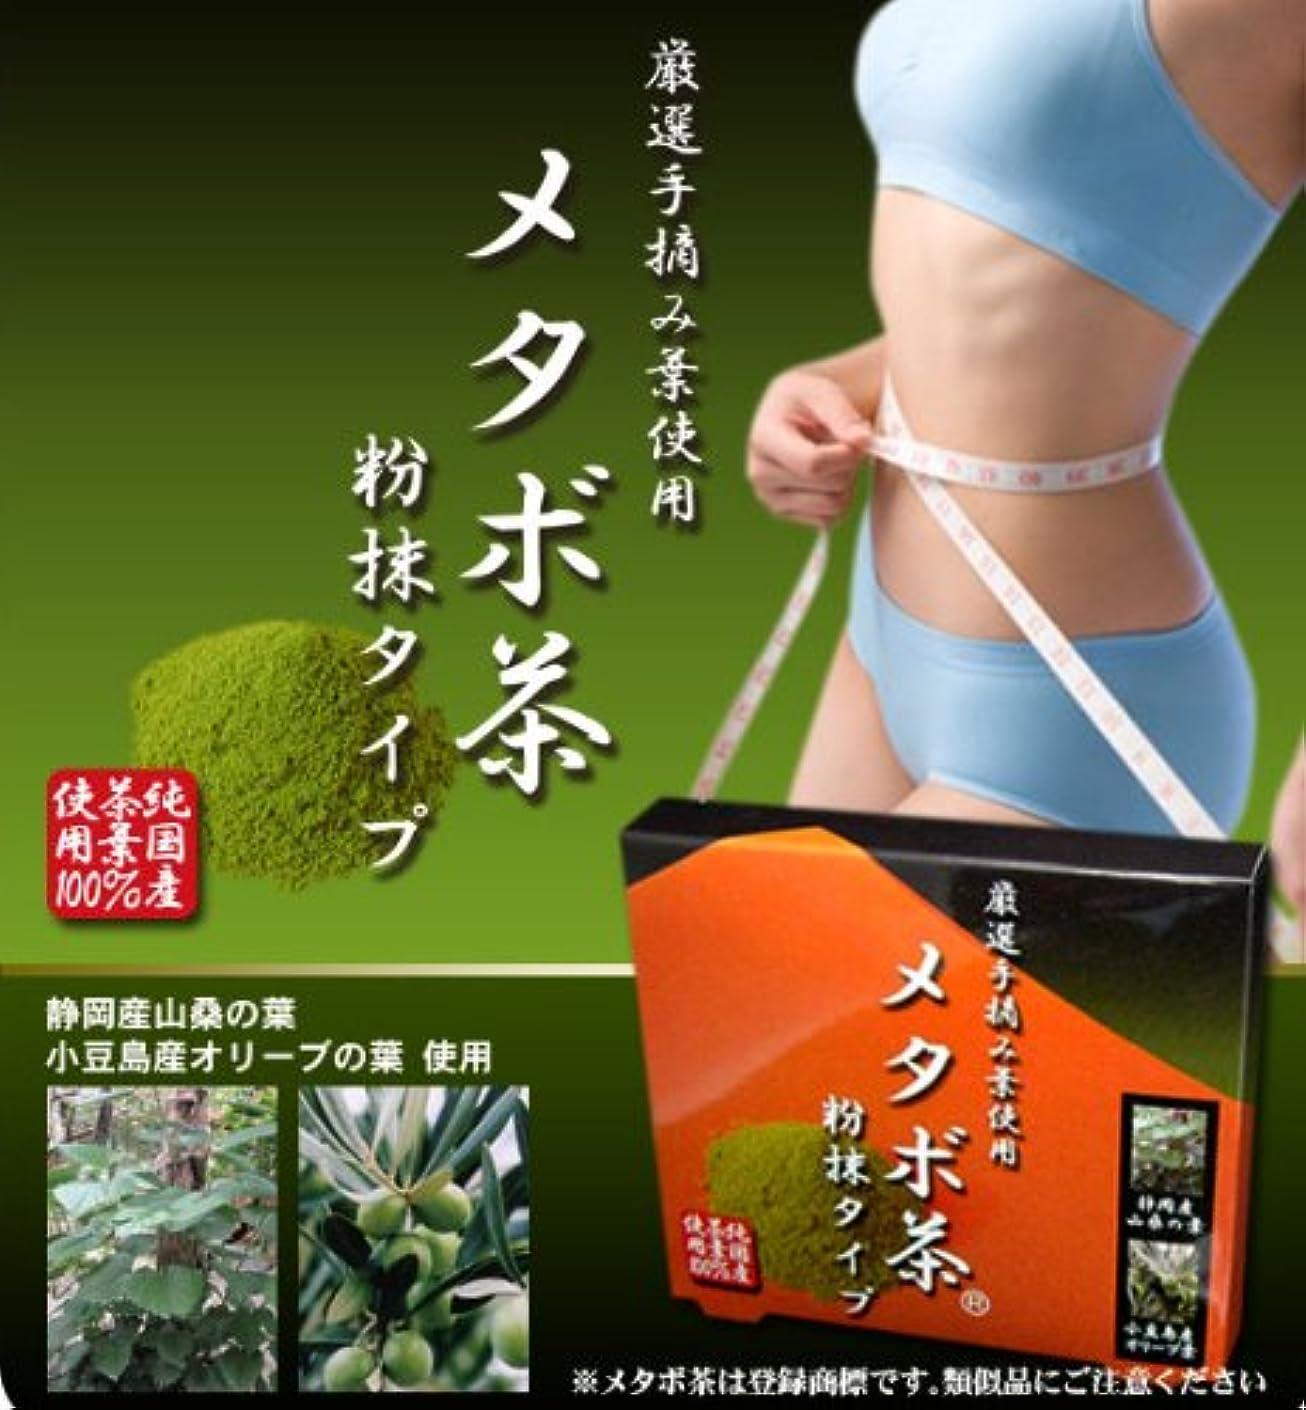 パッケージブレーキ情報メタボ茶粉抹タイプ 2個セット(完全無農薬 純国産茶葉100%使用ダイエット茶)